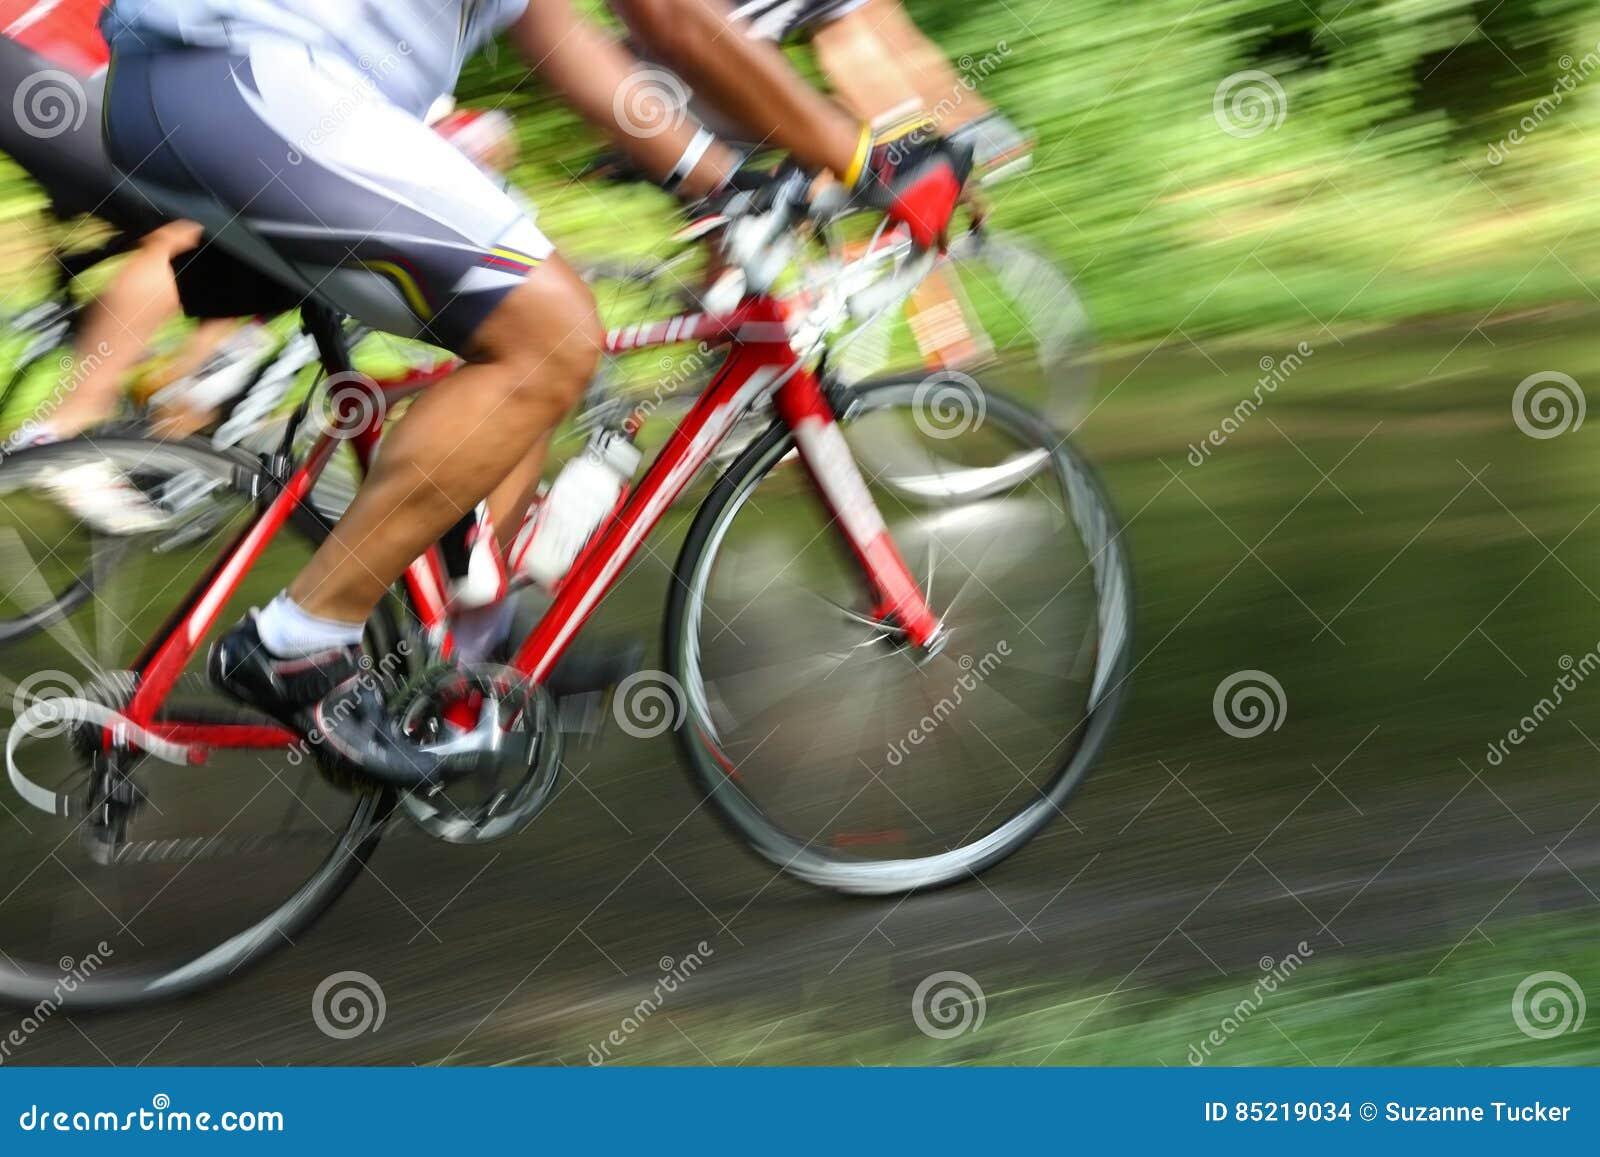 Corsa della bicicletta, sfuocatura di movimento